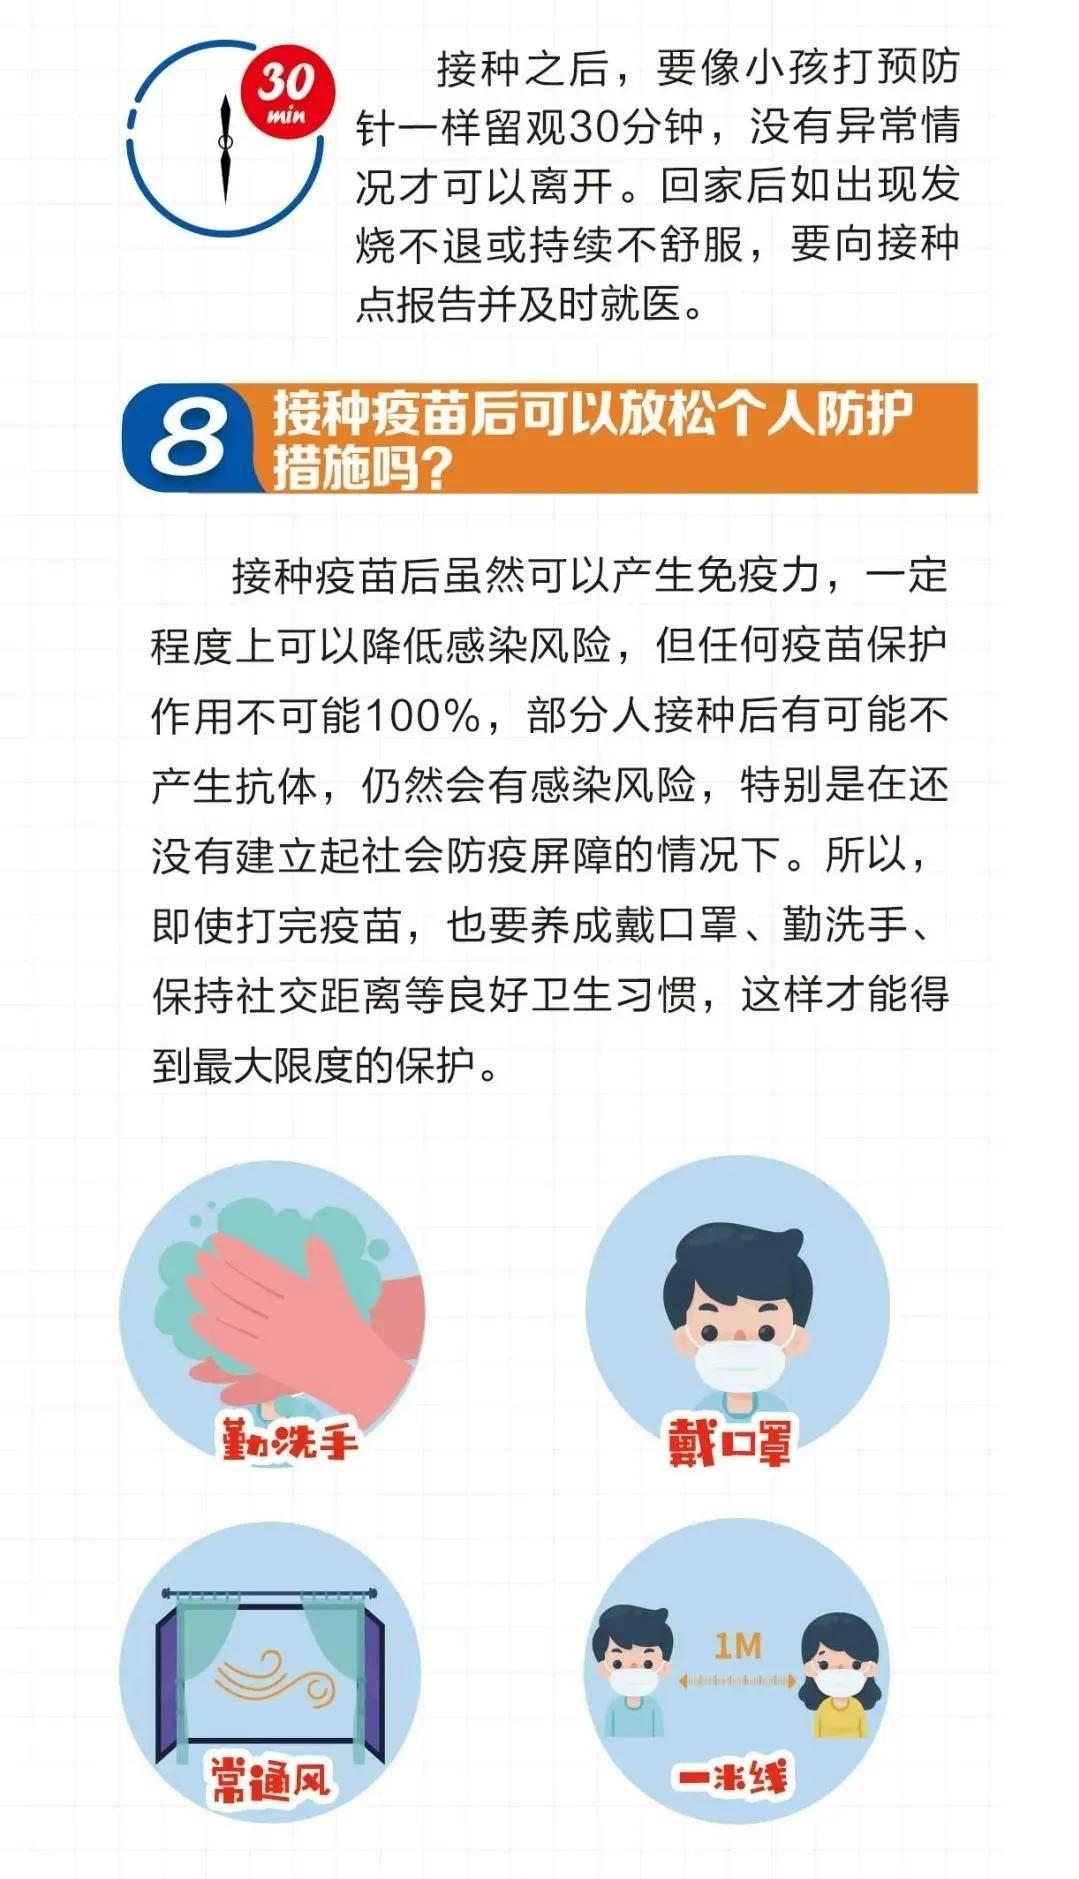 吴尊友:我国近期出现多点零星病例属正常现象